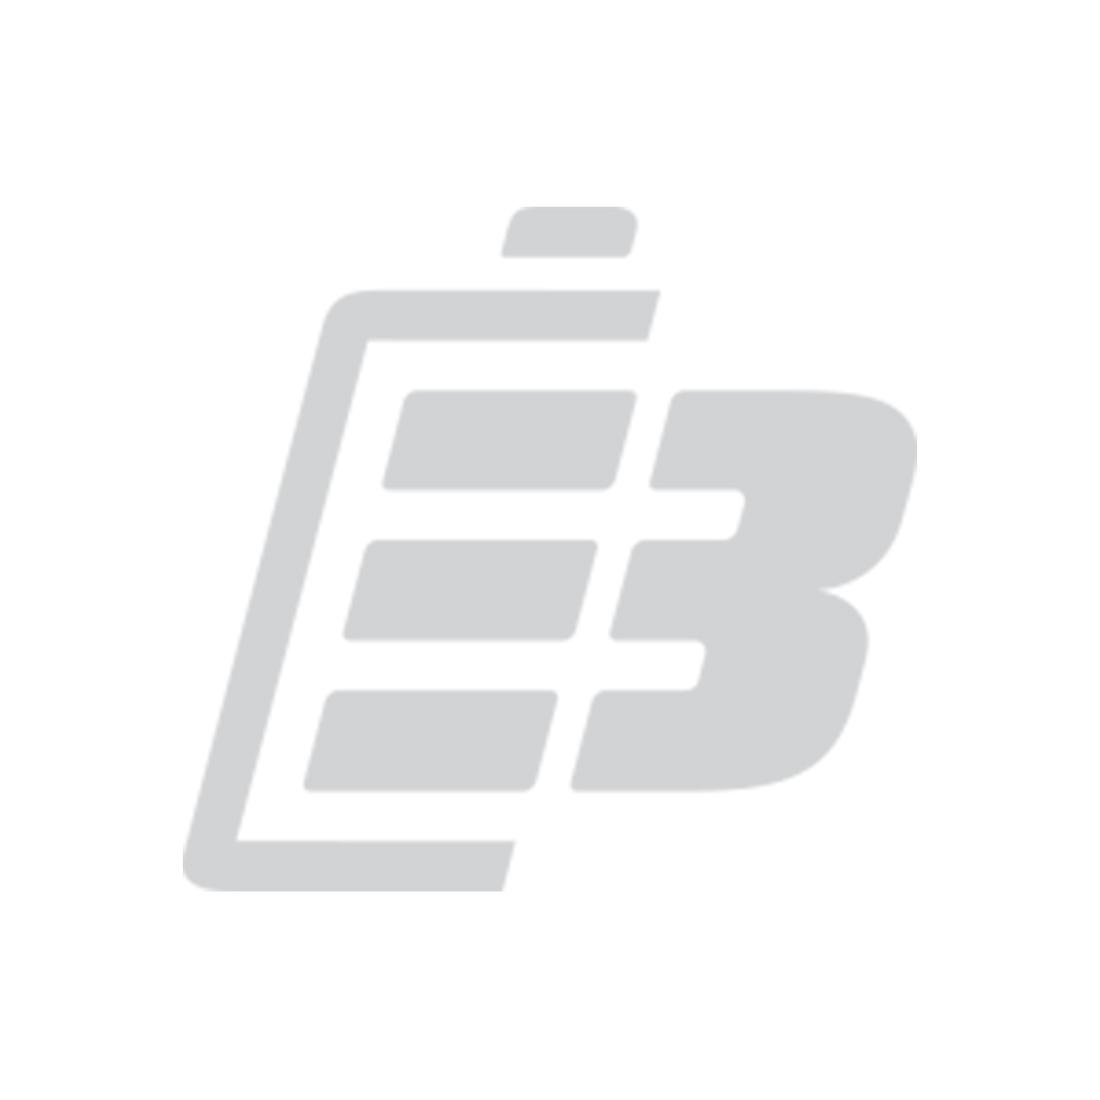 Μπαταρία Laptop Acer TravelMate 5520_1